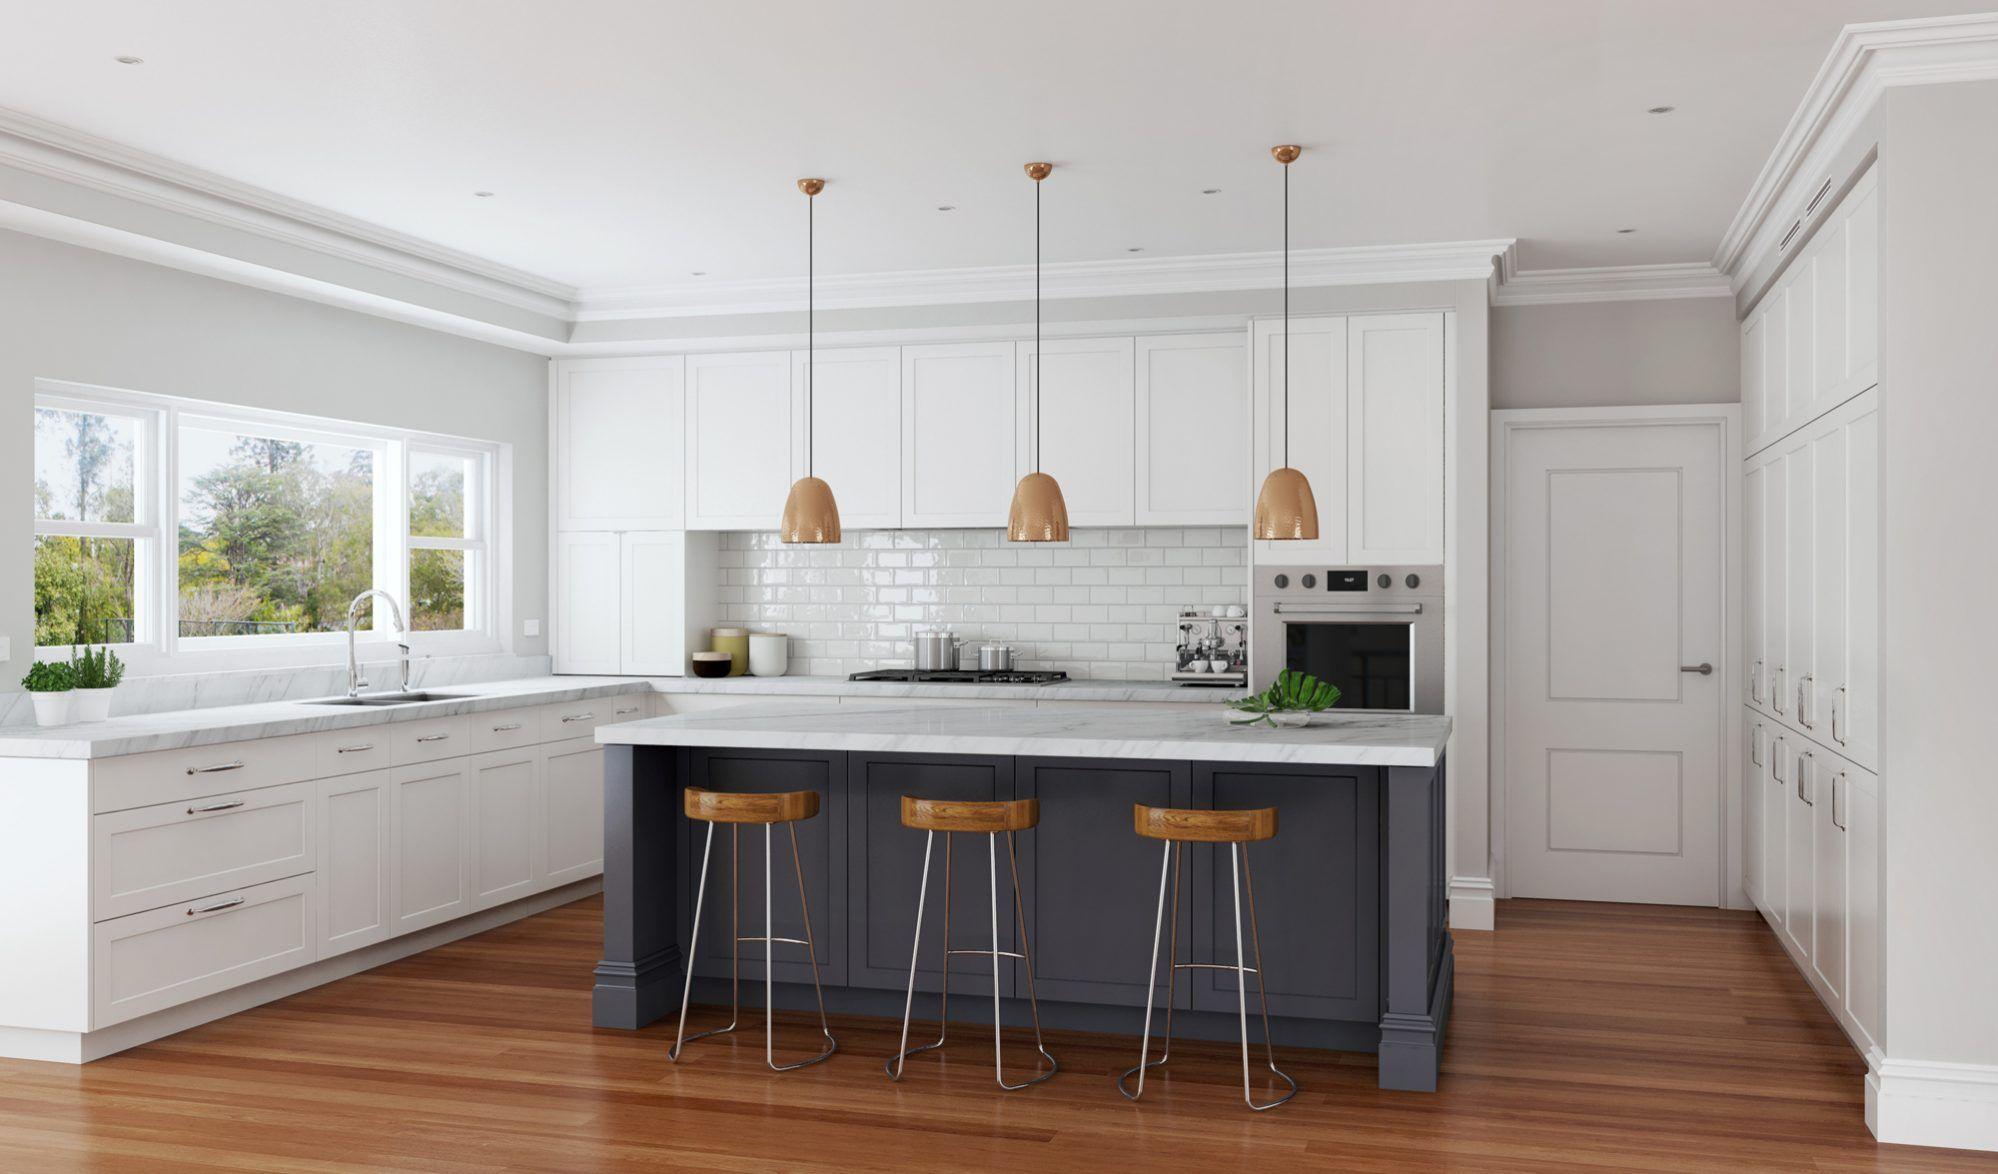 Shaker Style Kitchen Designs Sydney In 2020 Kitchen Design